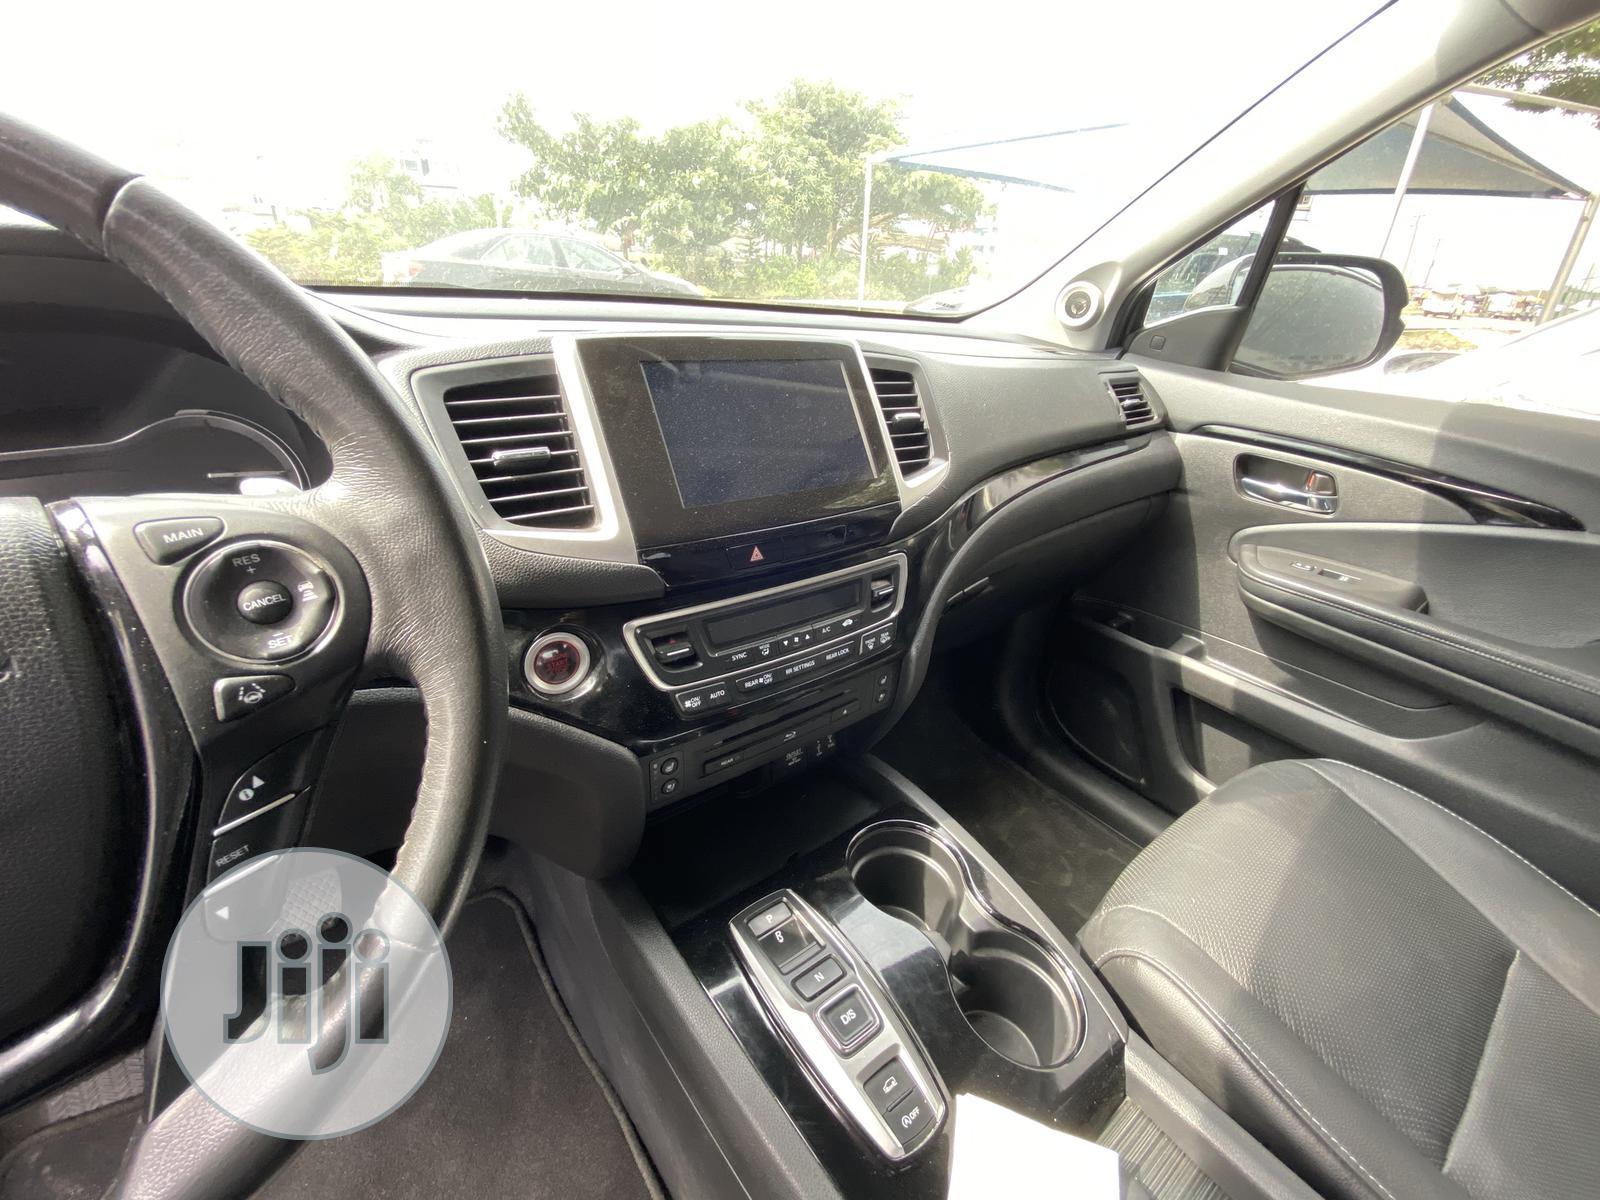 Honda Pilot 2016 Black | Cars for sale in Ajah, Lagos State, Nigeria